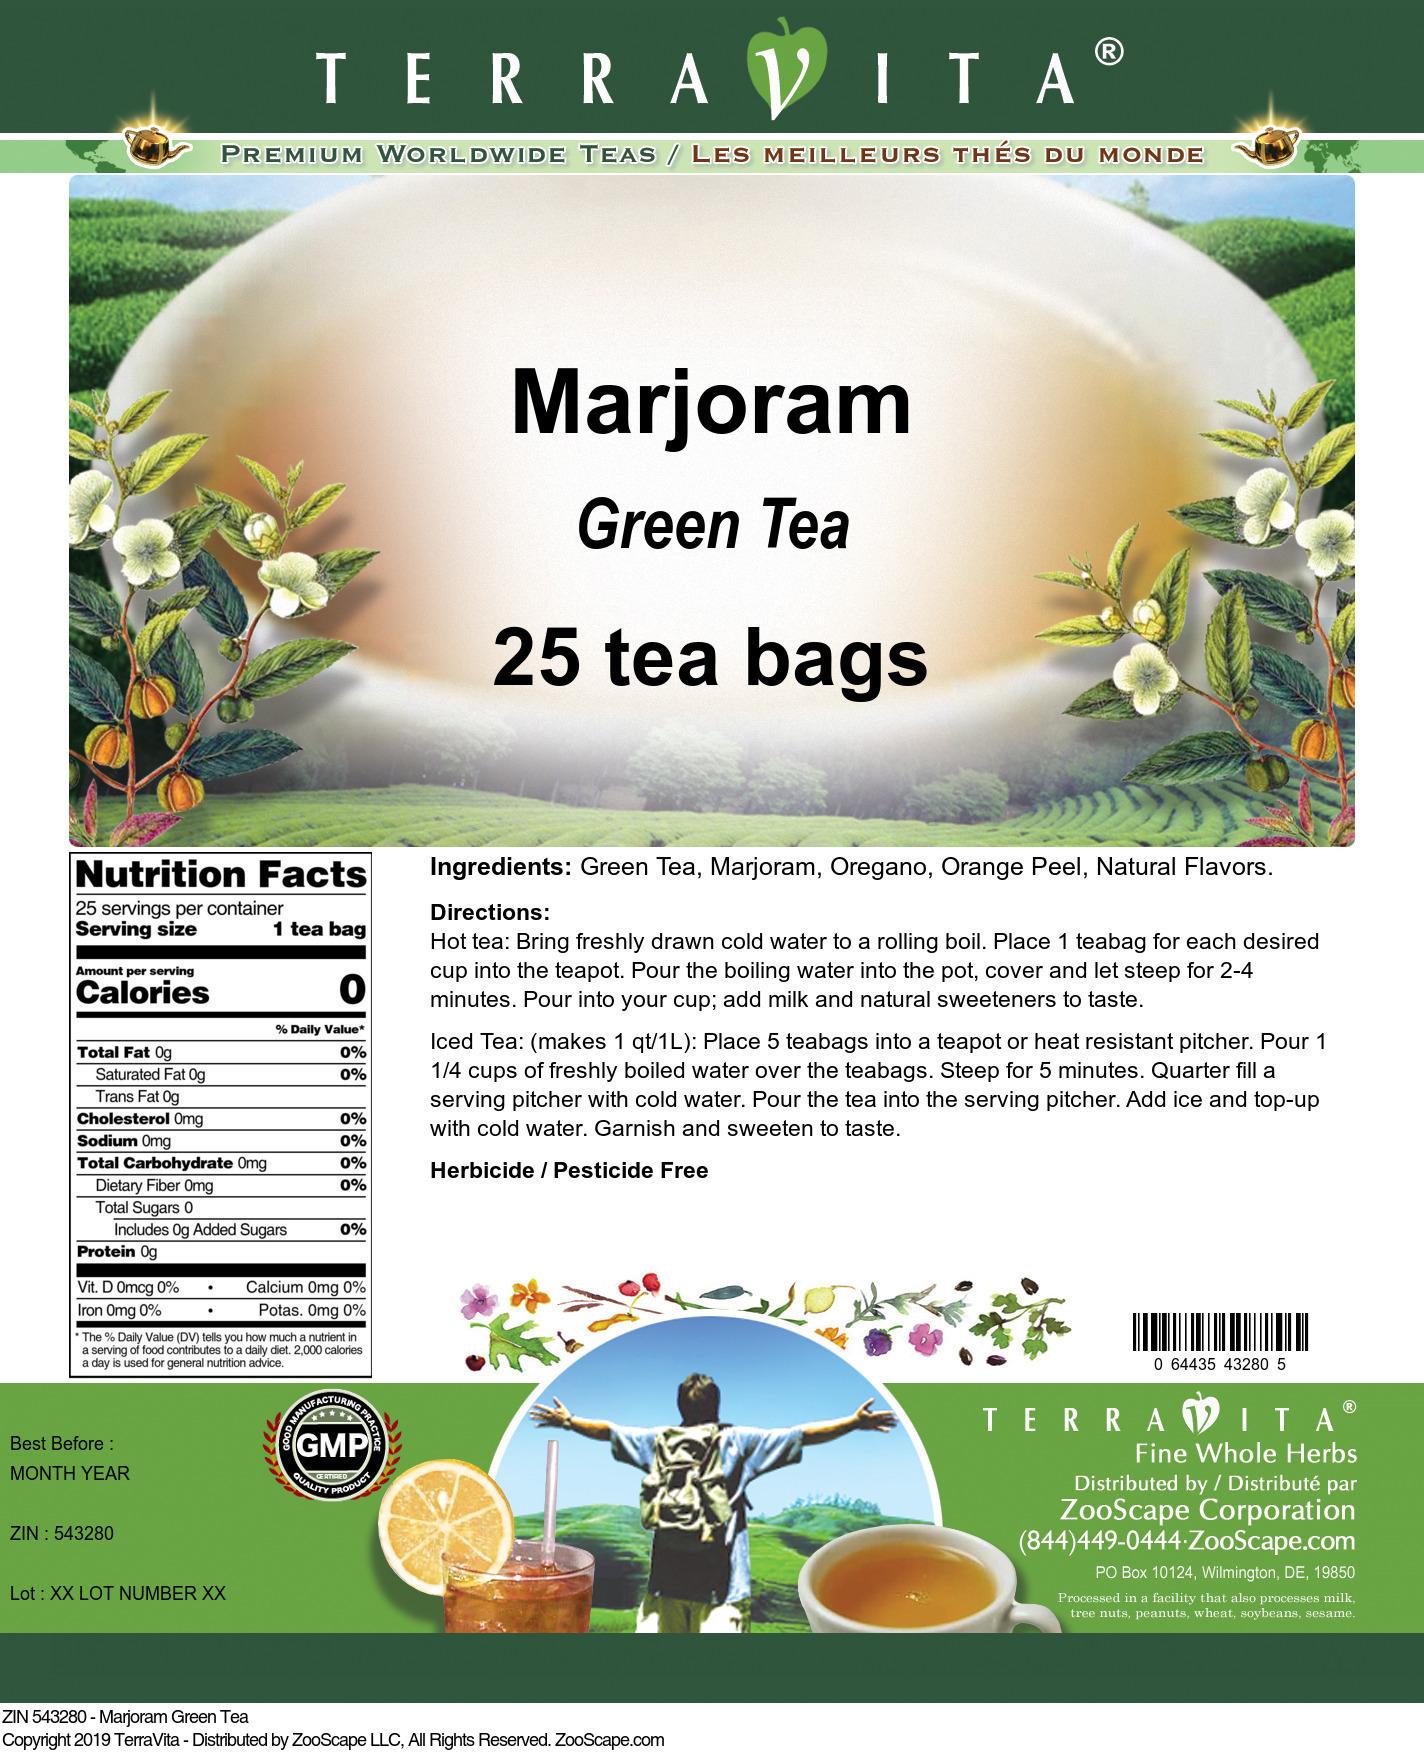 Marjoram Green Tea